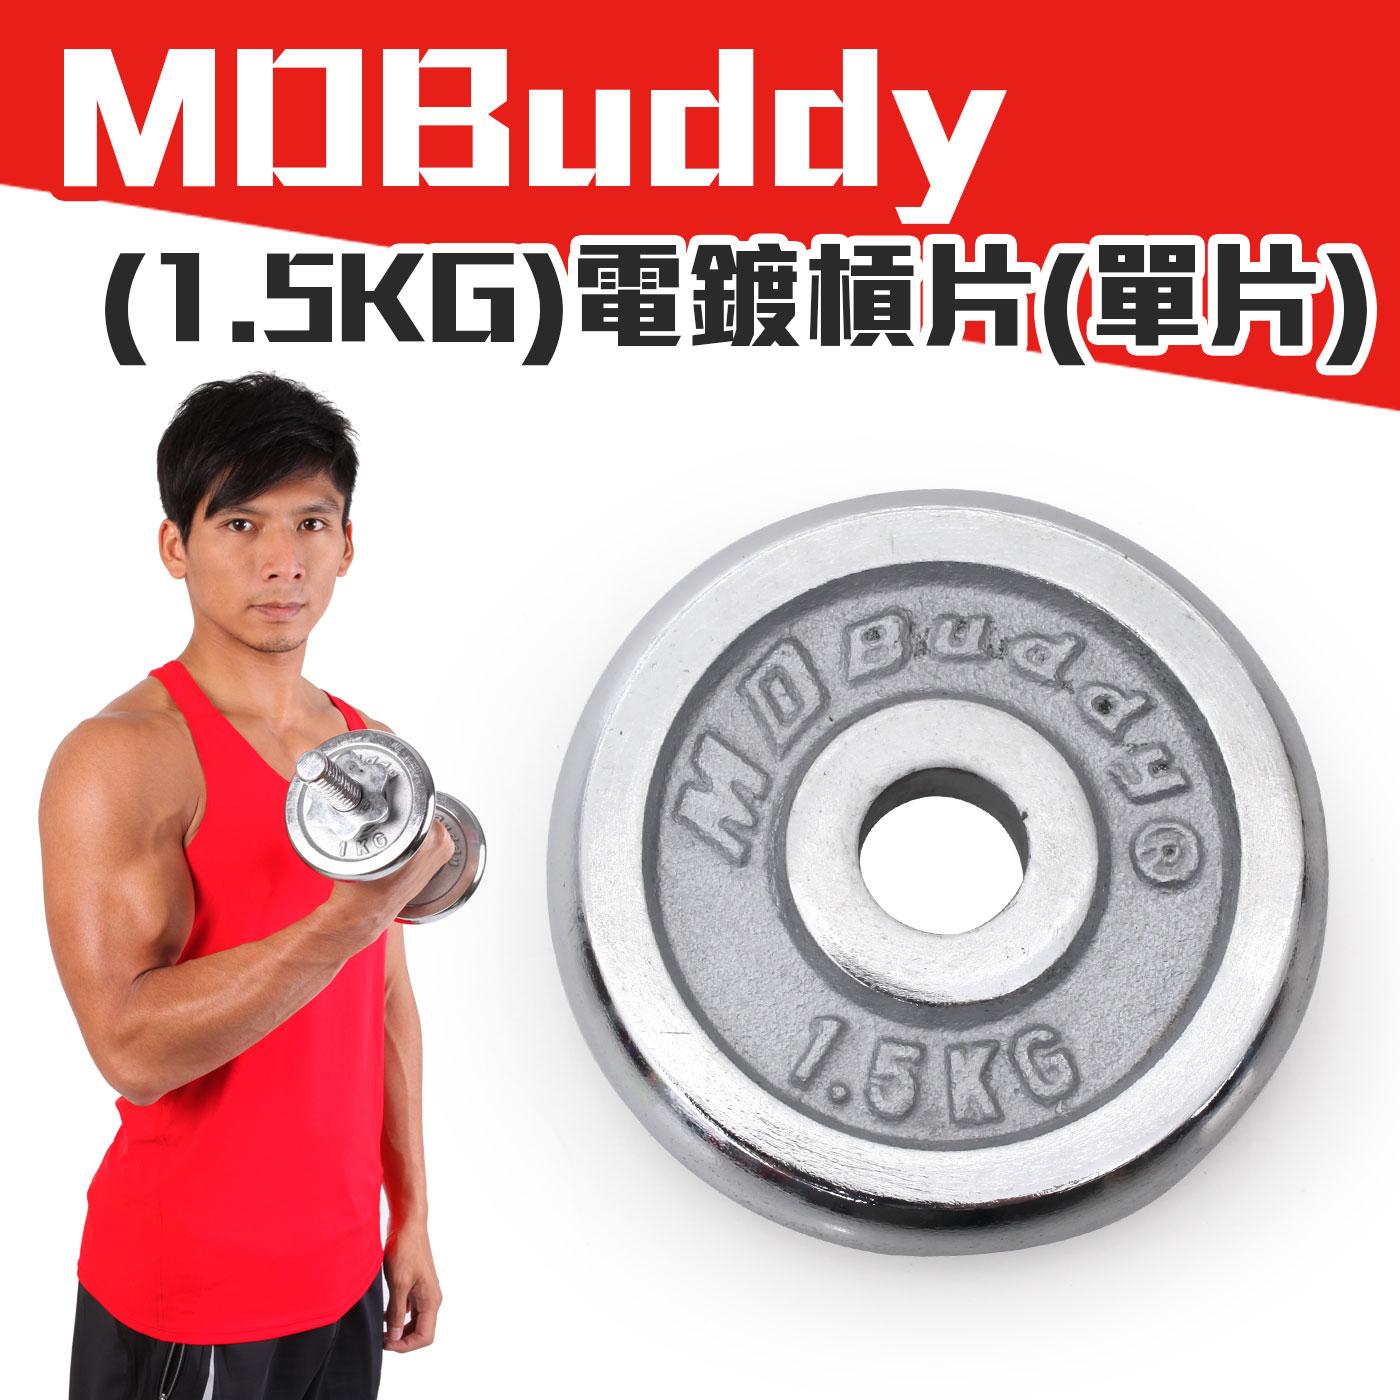 MDBuddy (1.5KG)電鍍槓片(單片) 6021801